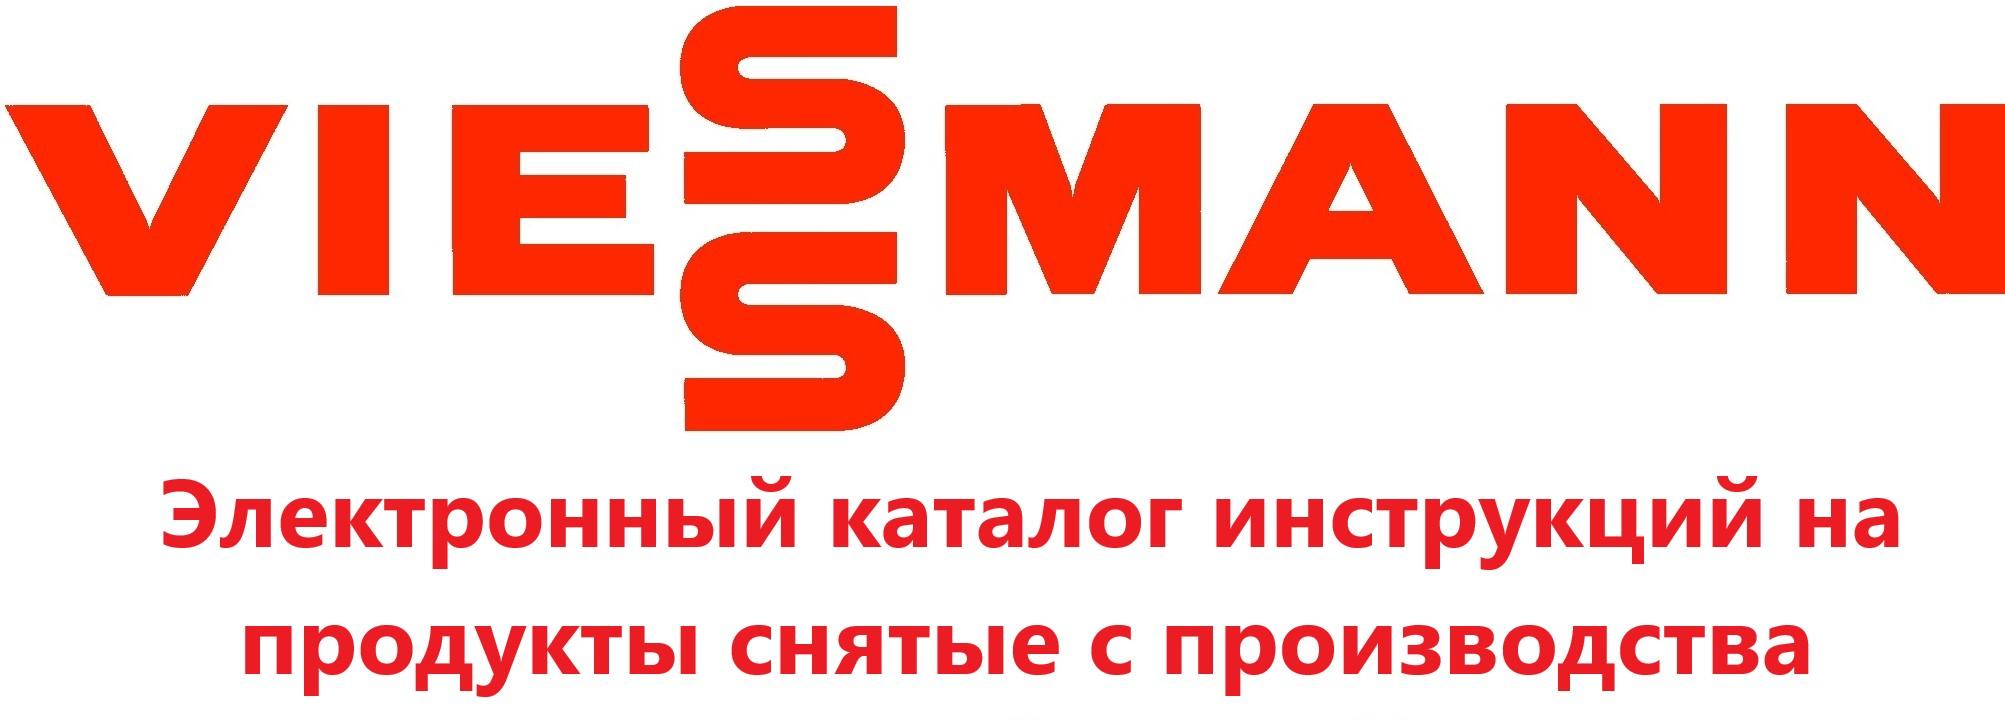 https://eventus24.ru/zapchasti-dlya-kotlov/zapchasti-k-kotlam-viessmann/tehnicheskaya-dokumentaciya